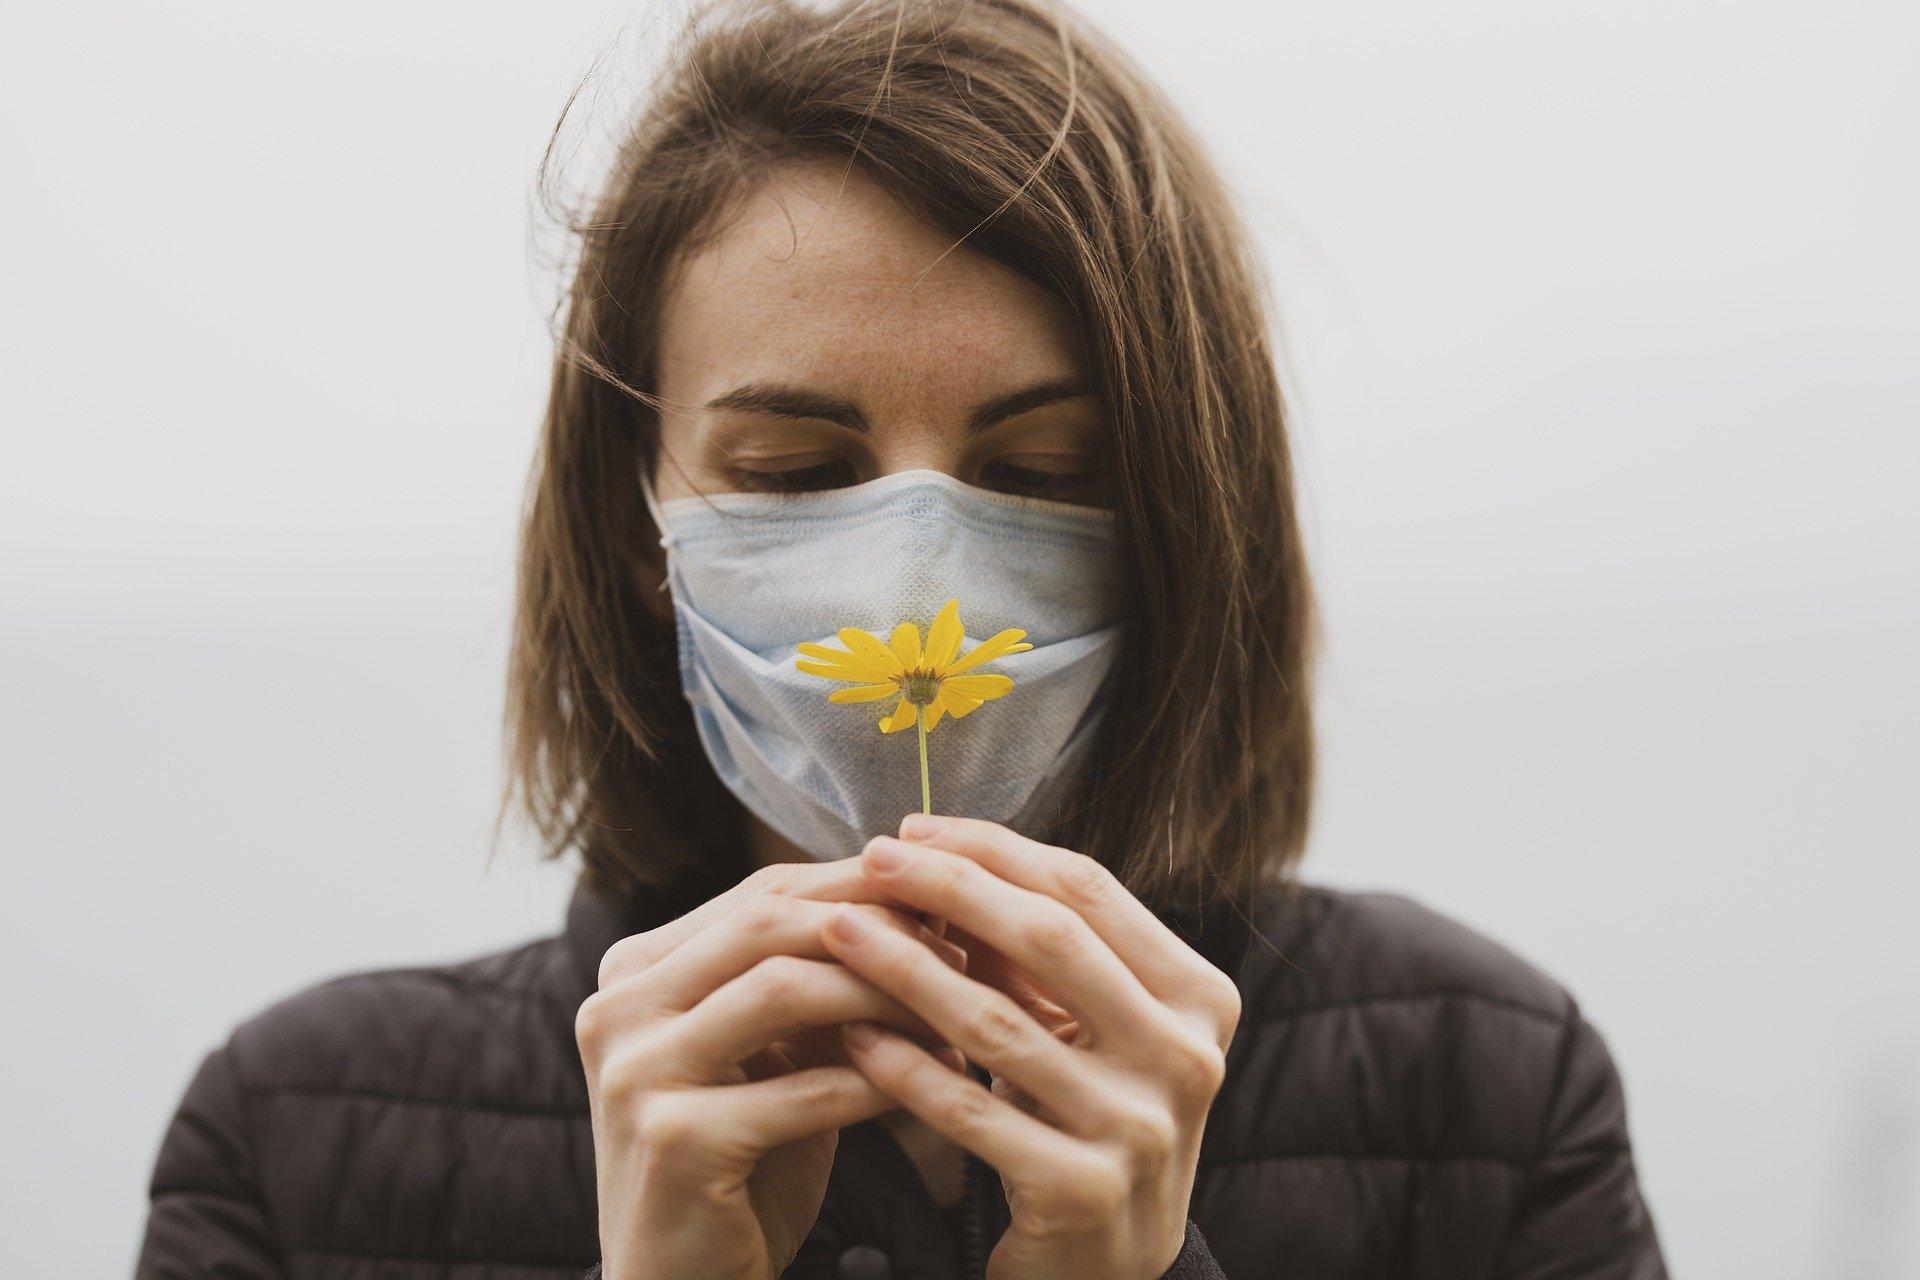 Semmelweis Universität bietet Post-Corona-Kranken Riechtraining an